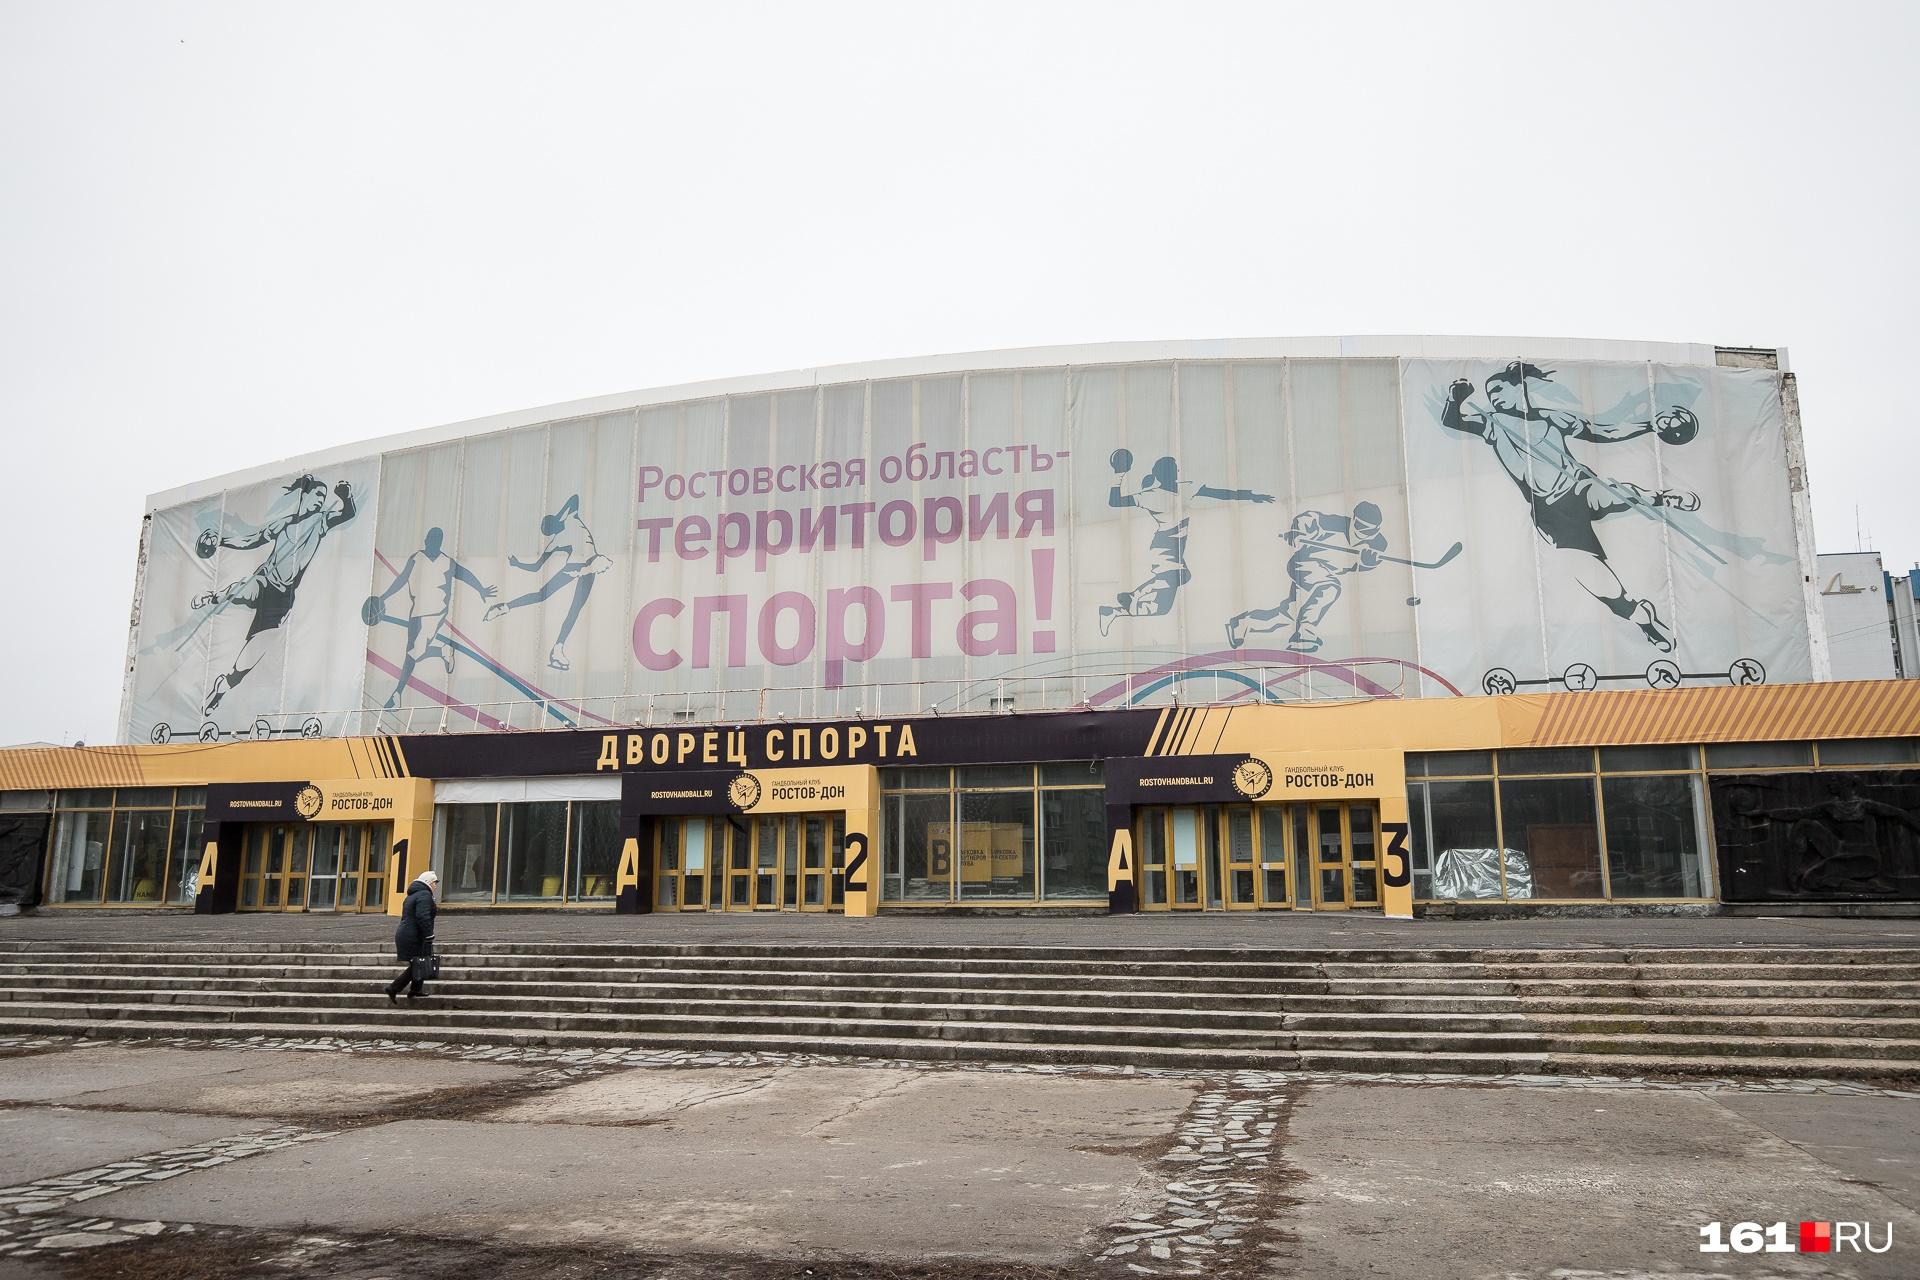 Дворец спорта планируют открыть к 2022 году